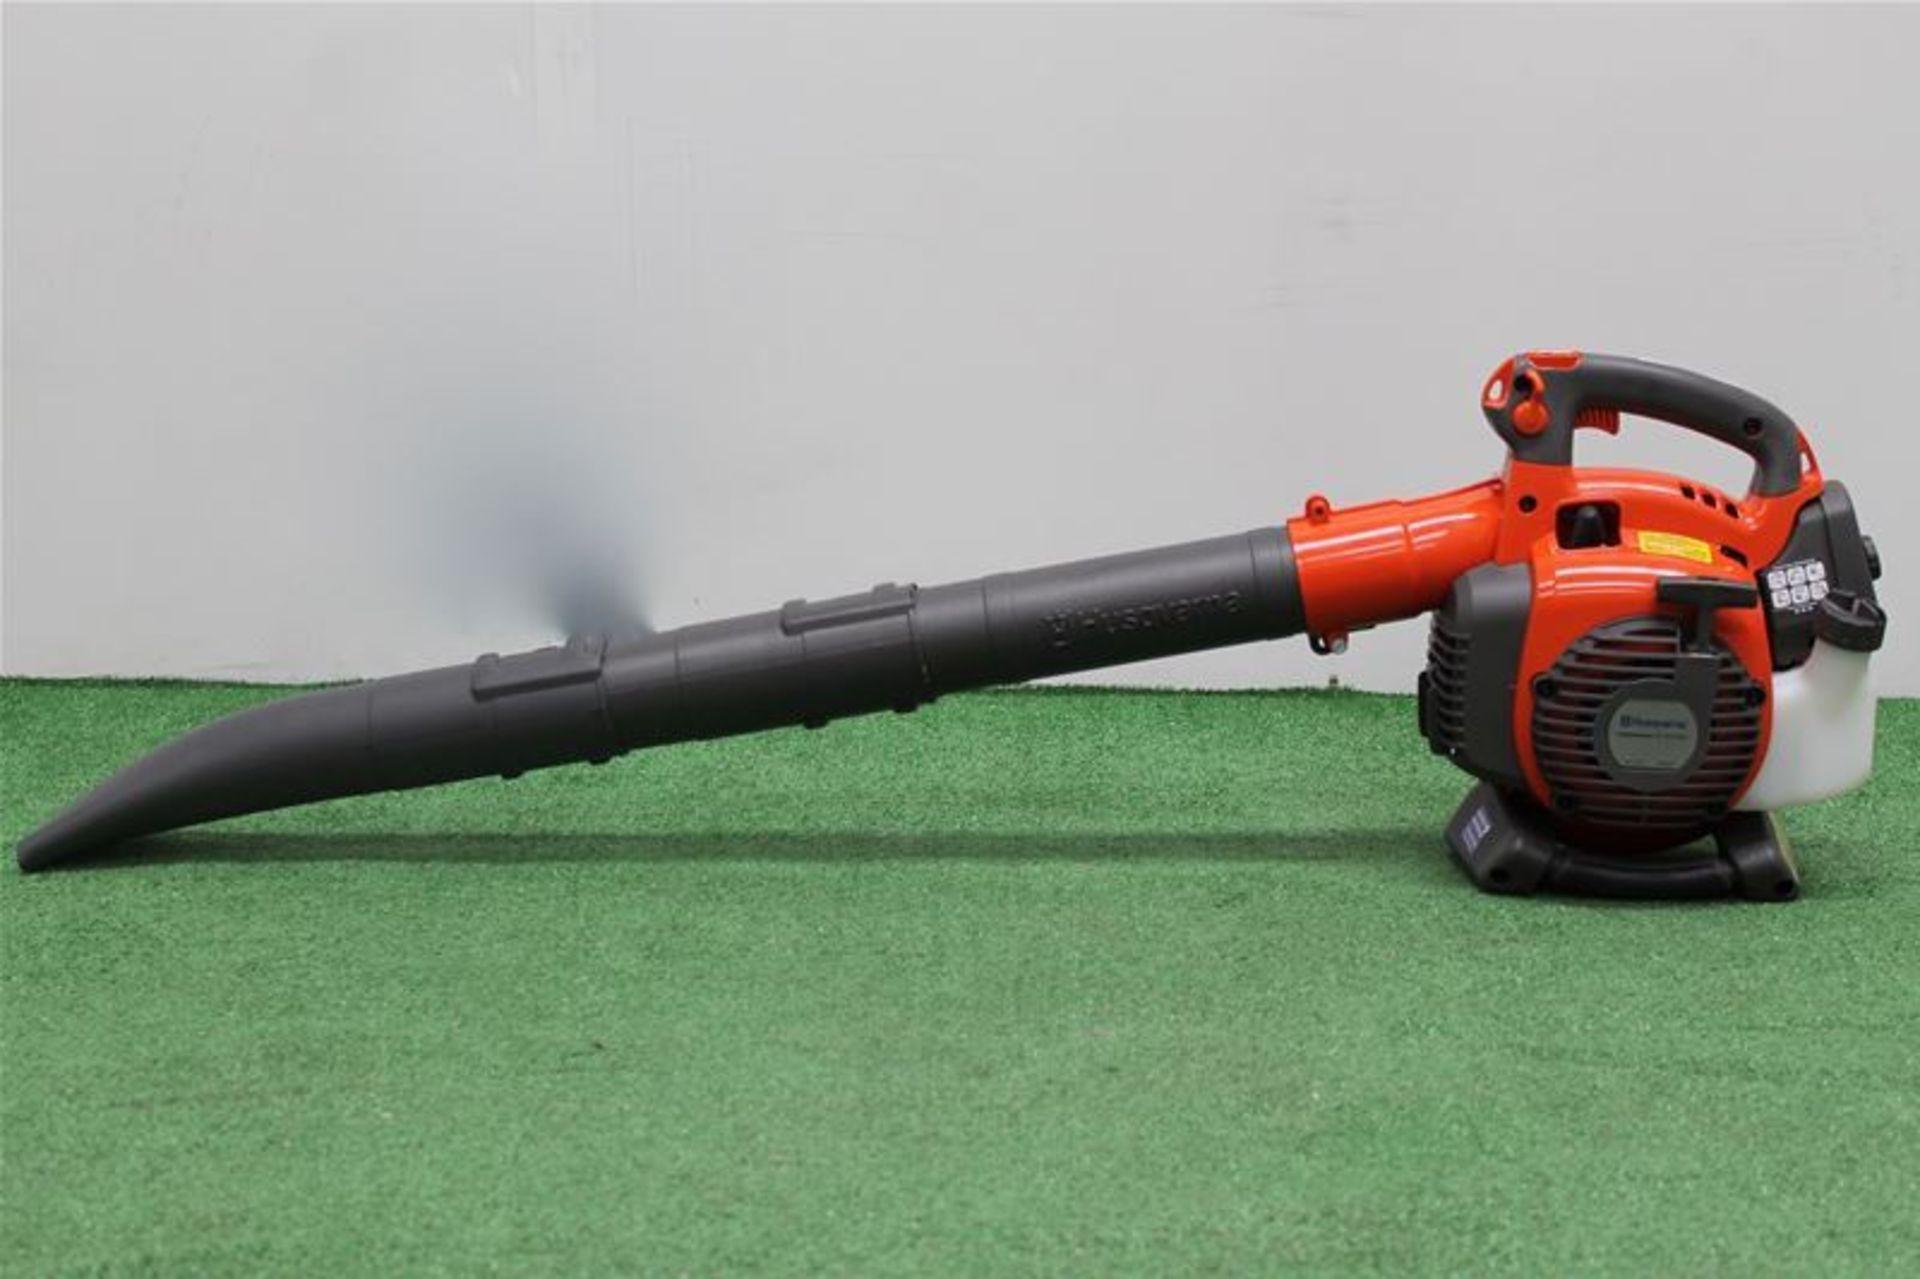 Lot 16 - Husqvarna Petrol Blower/Vac 28cc